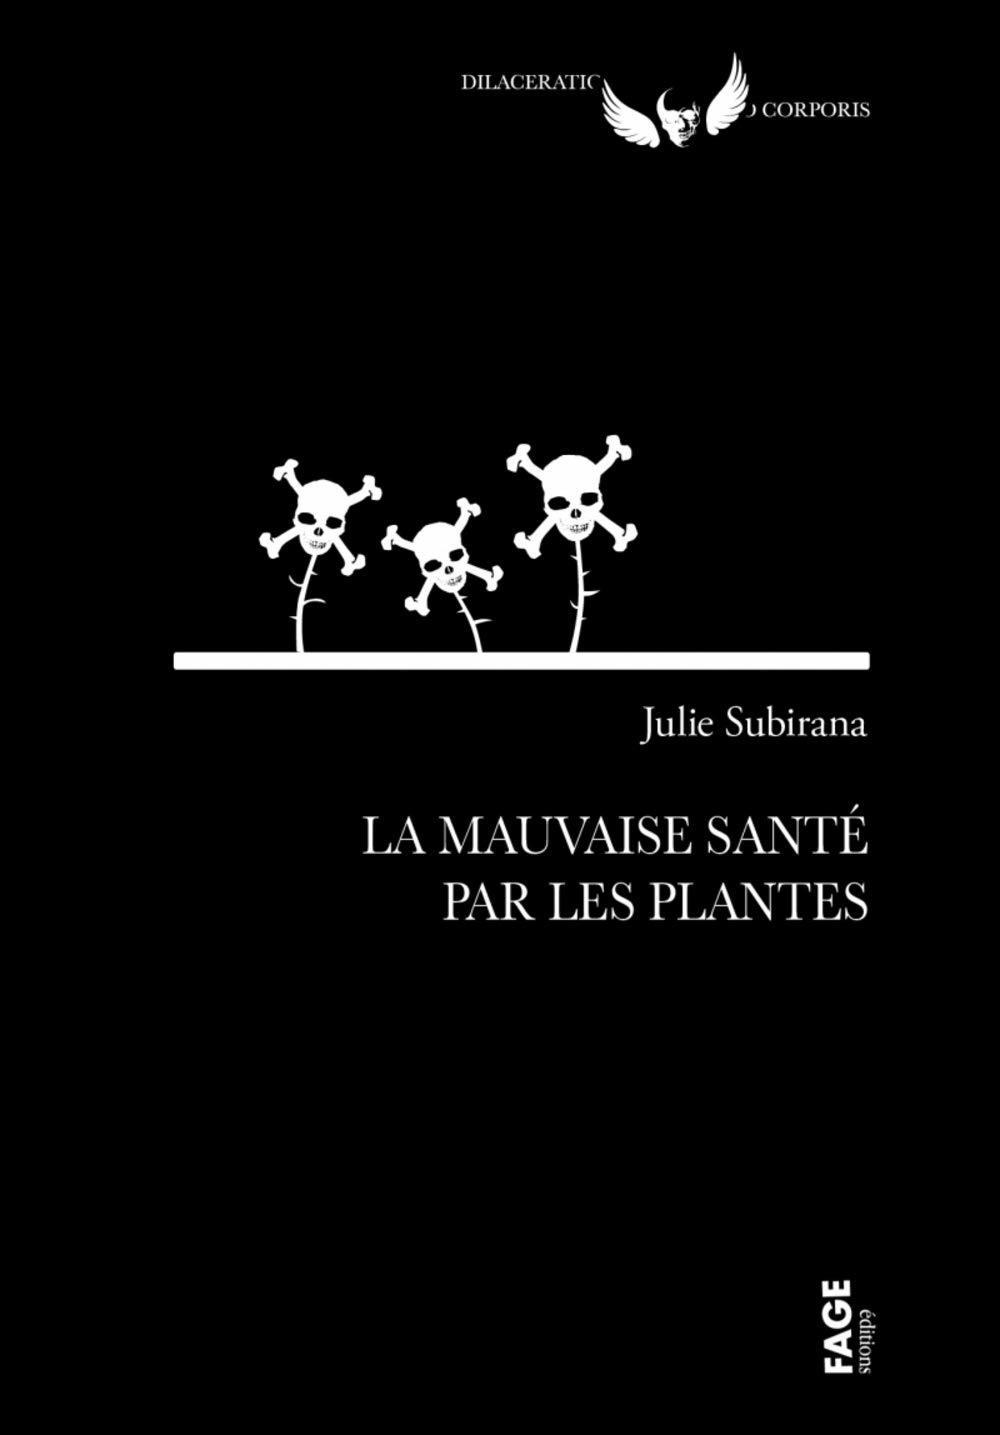 « La mauvaise santé par les plantes », de Julie Subirana (Les Portes Sombres, 2020).